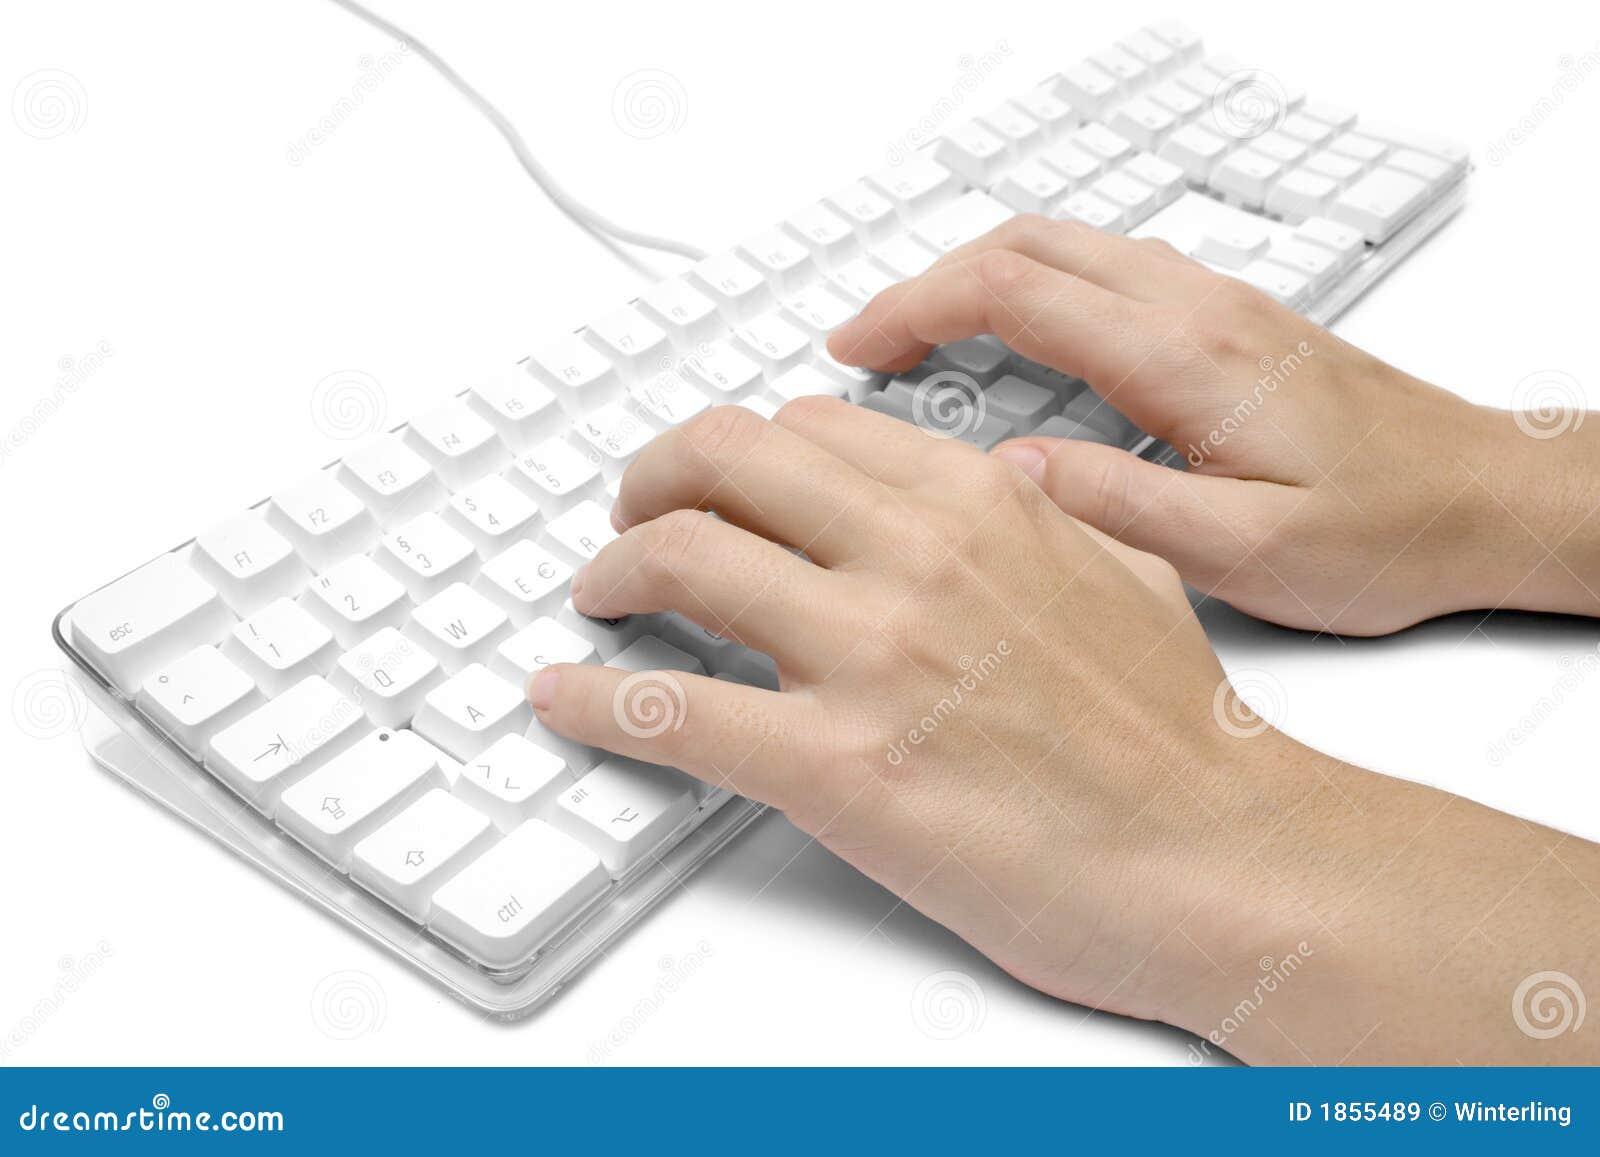 Escritura en un teclado de ordenador blanco